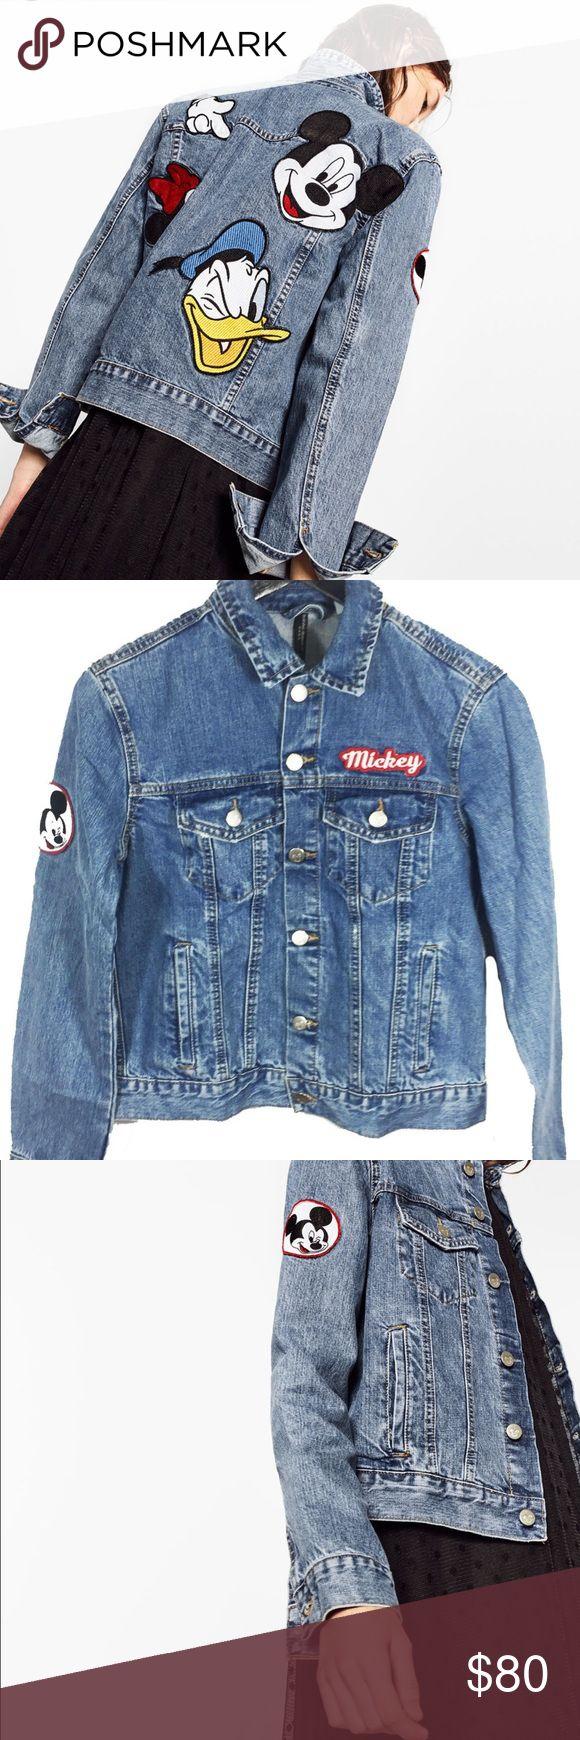 Denim Disney Mickey jacket! Disney denim jacket, with Mickey patches on it. Size S, fits true to size! Zara Jackets & Coats Jean Jackets